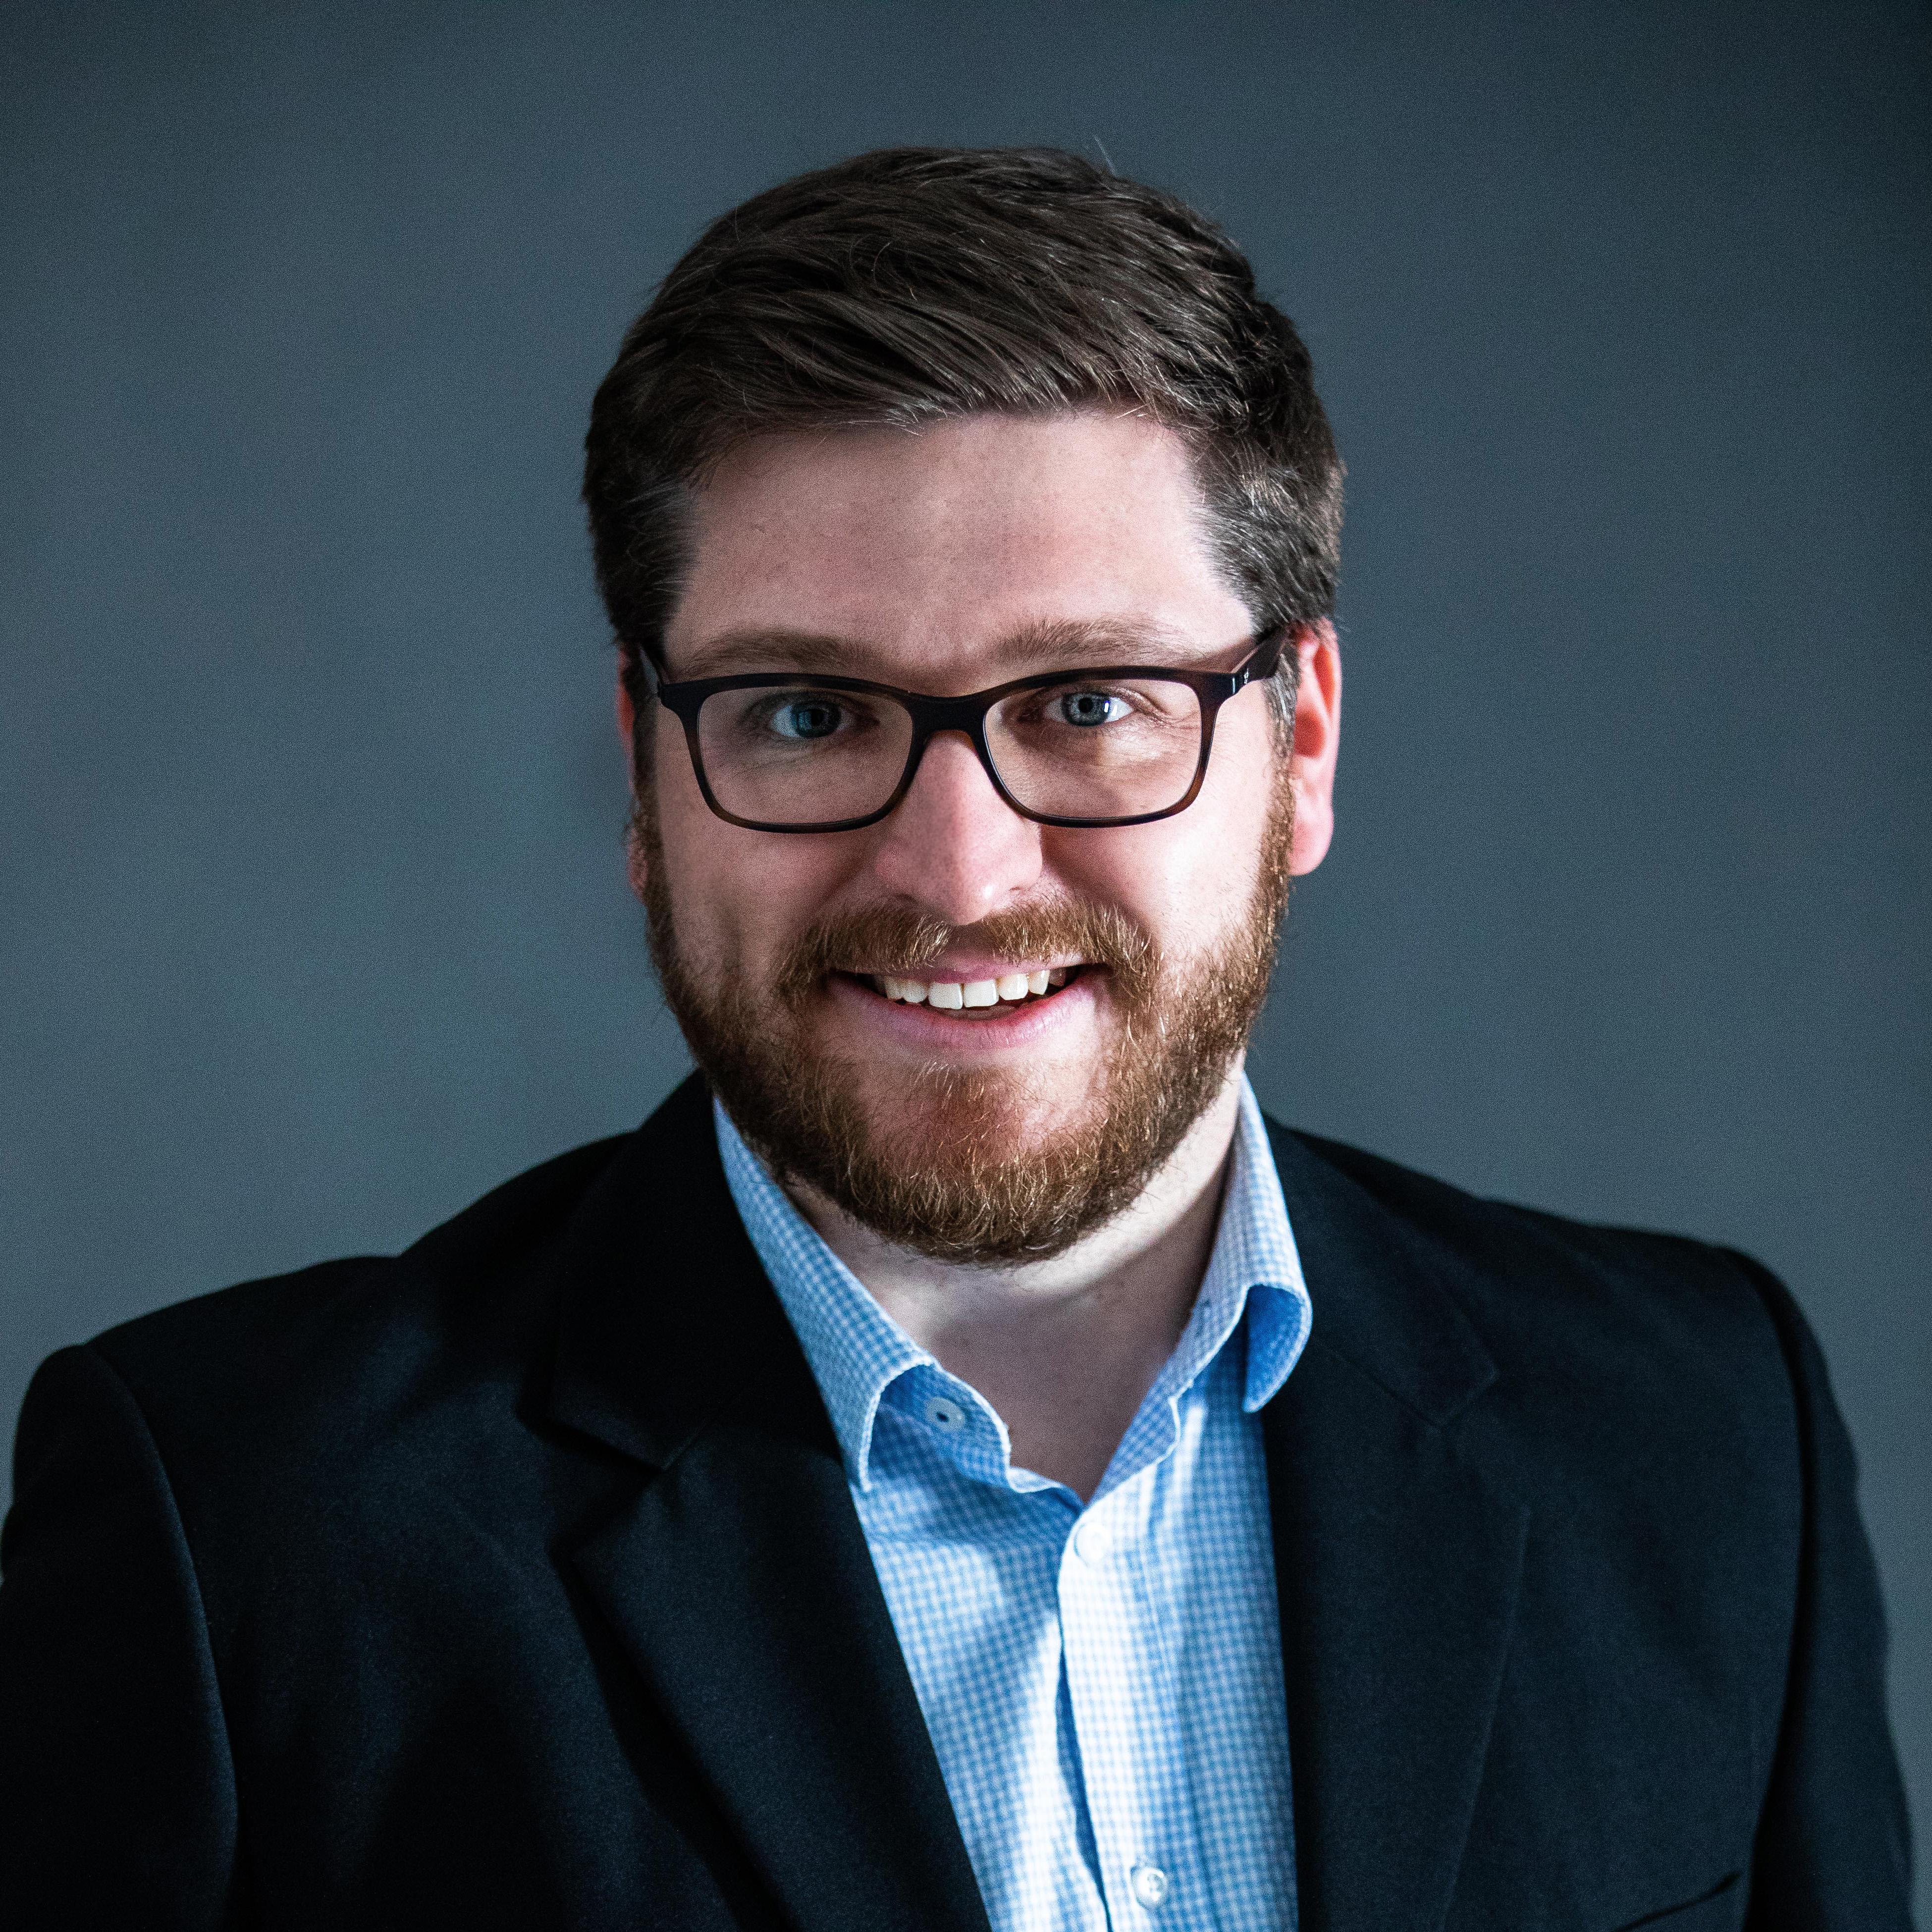 Aaron Trott - Head of Human Resources (HR)